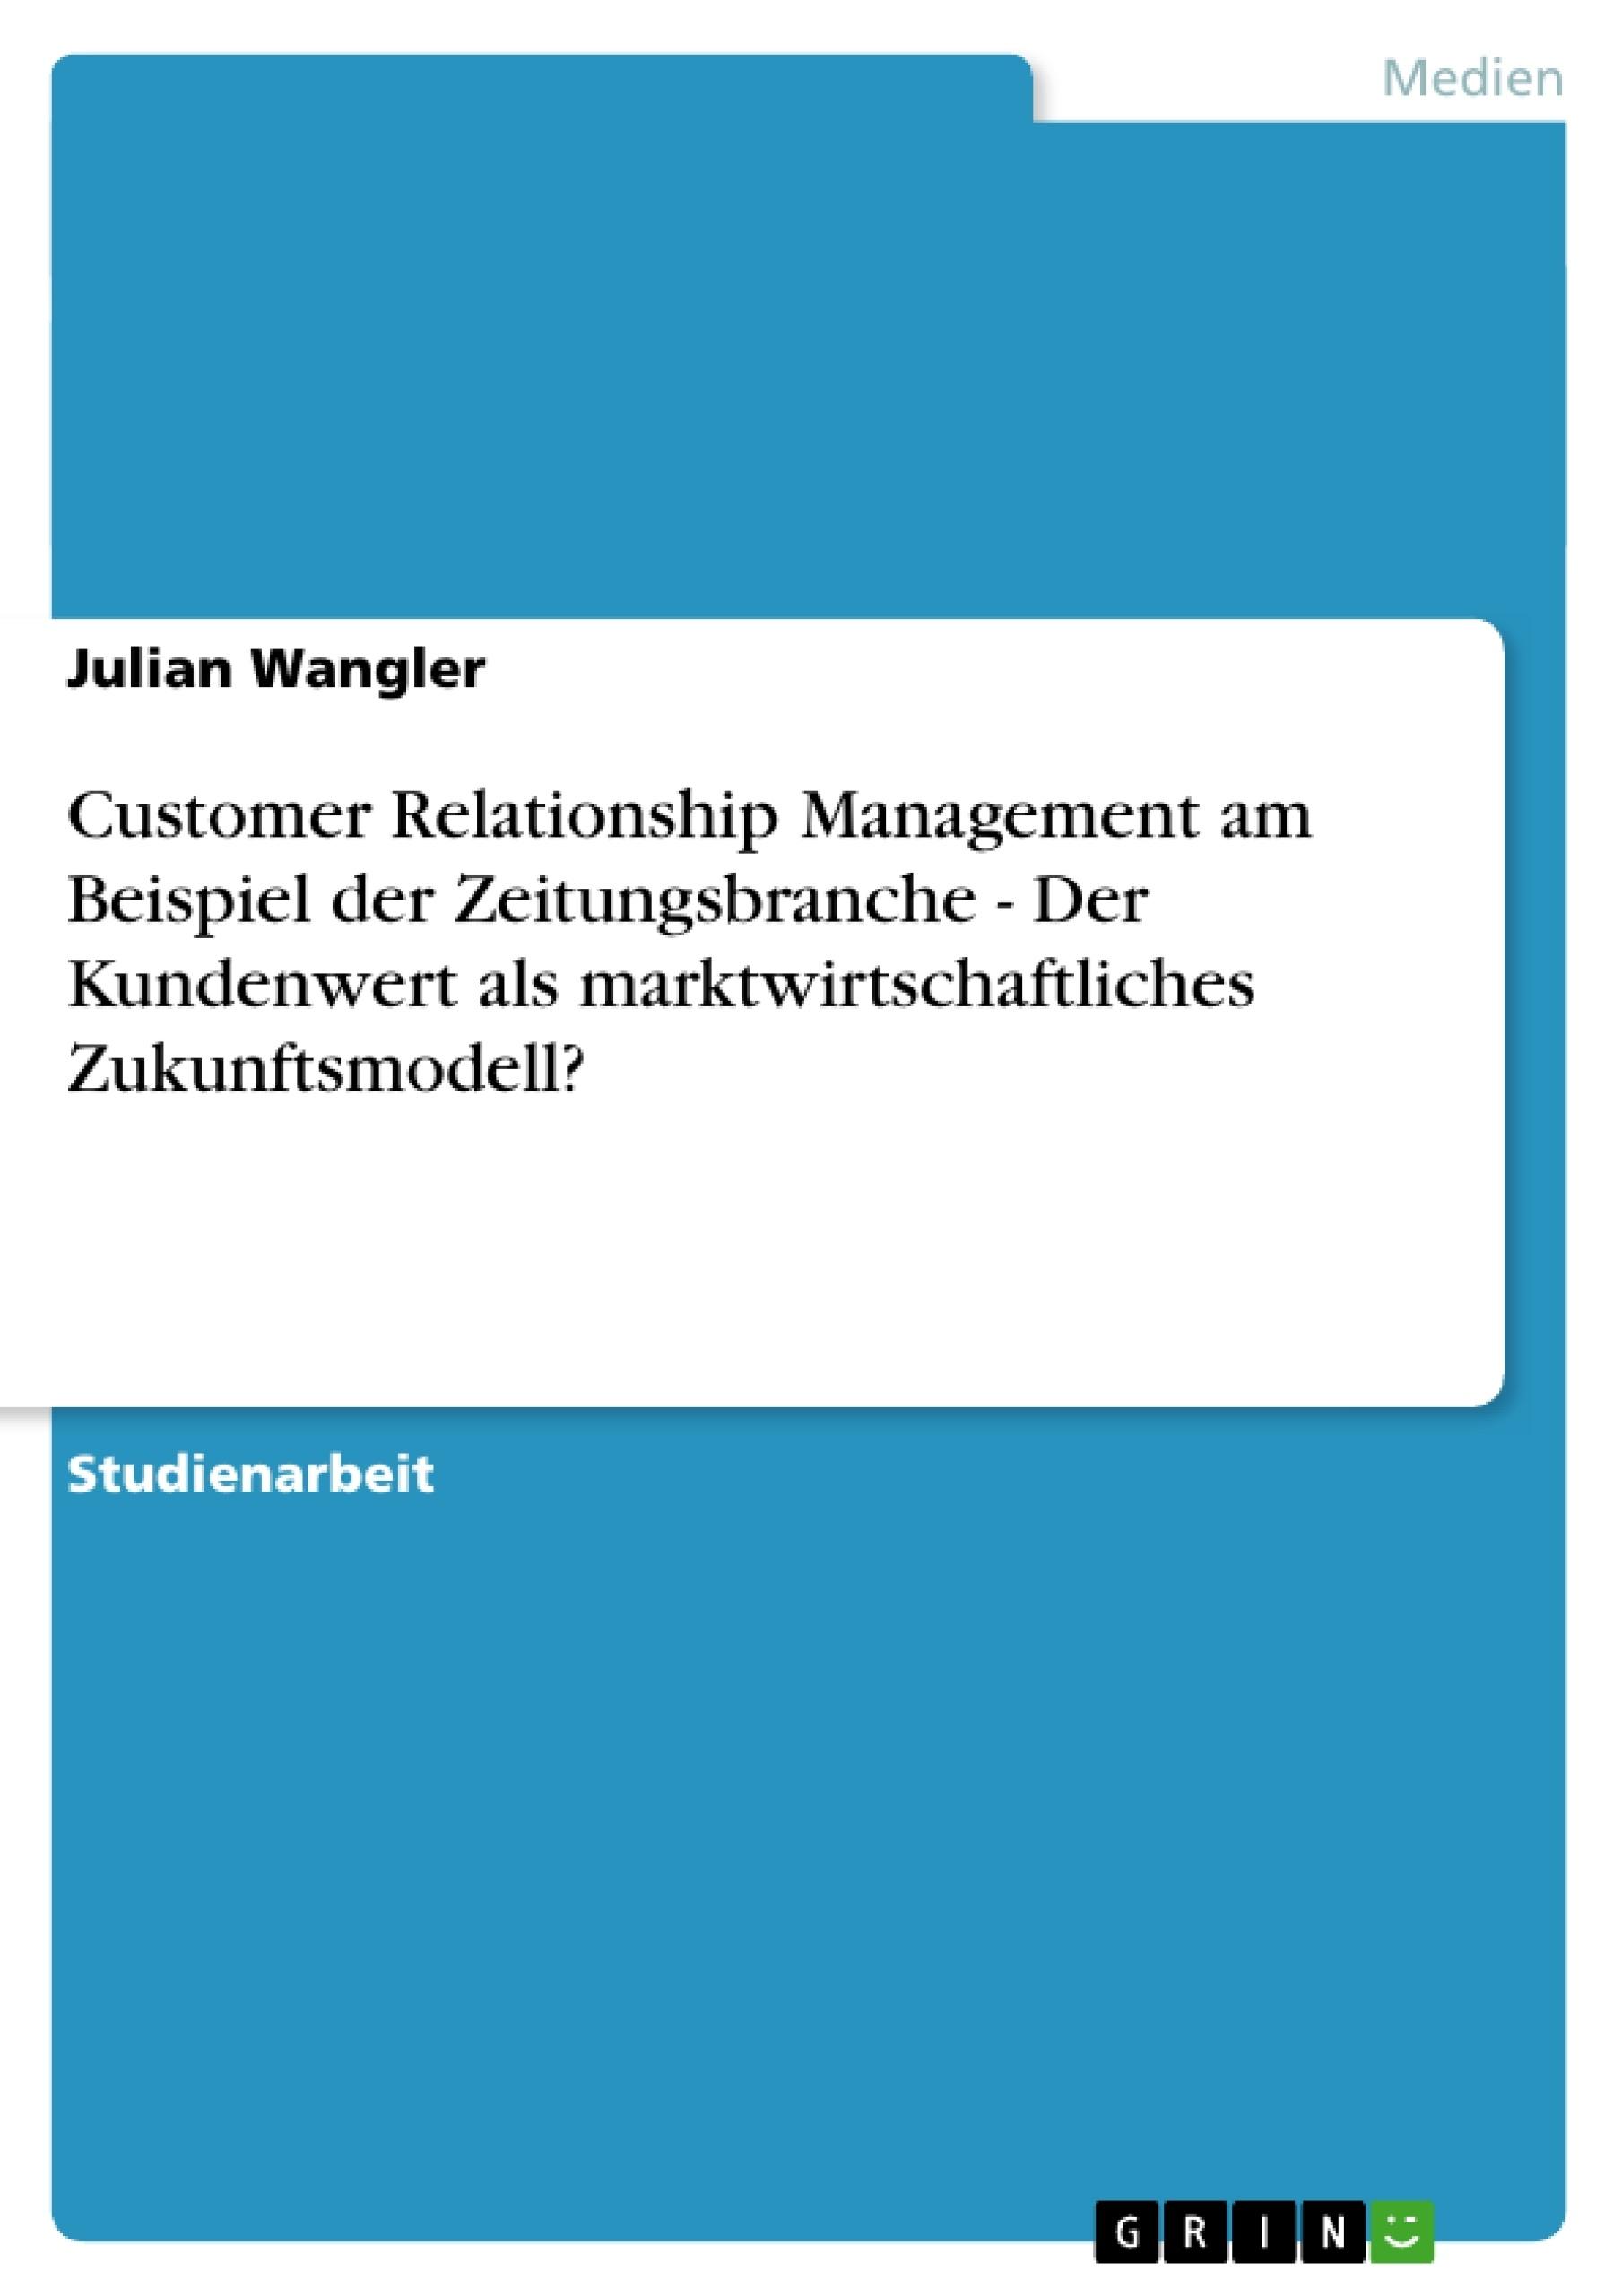 Titel: Customer Relationship Management am Beispiel der Zeitungsbranche - Der Kundenwert als marktwirtschaftliches Zukunftsmodell?